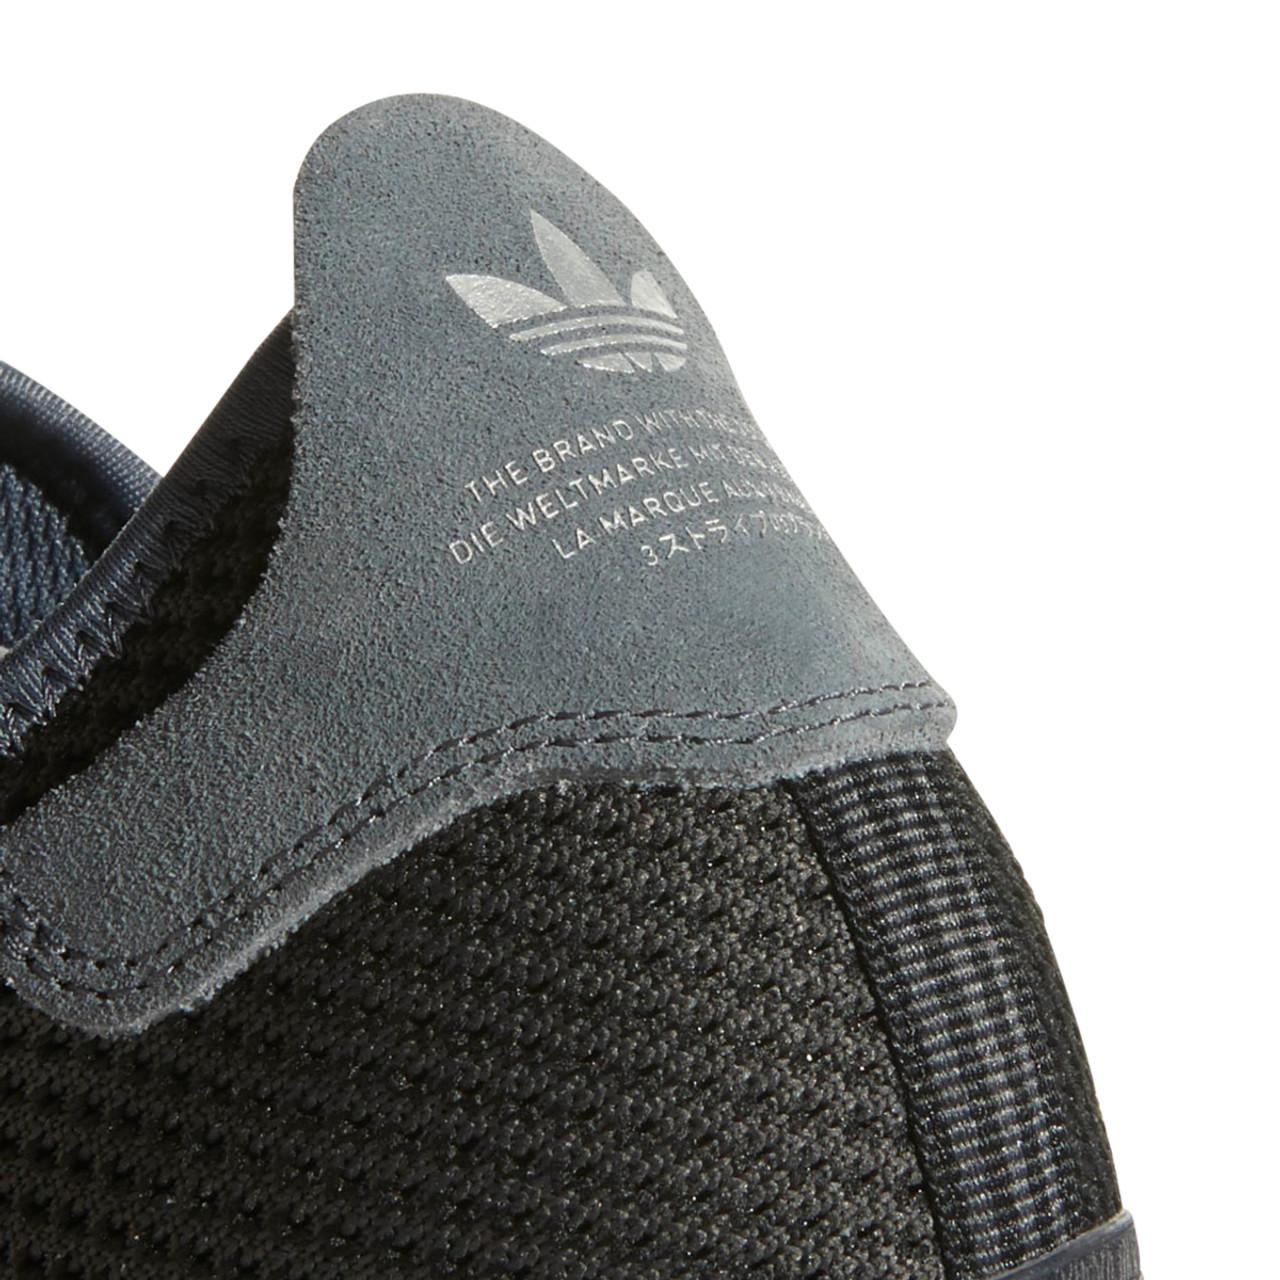 595c724c39dc Adidas 3St.001 Shoes Onyx White